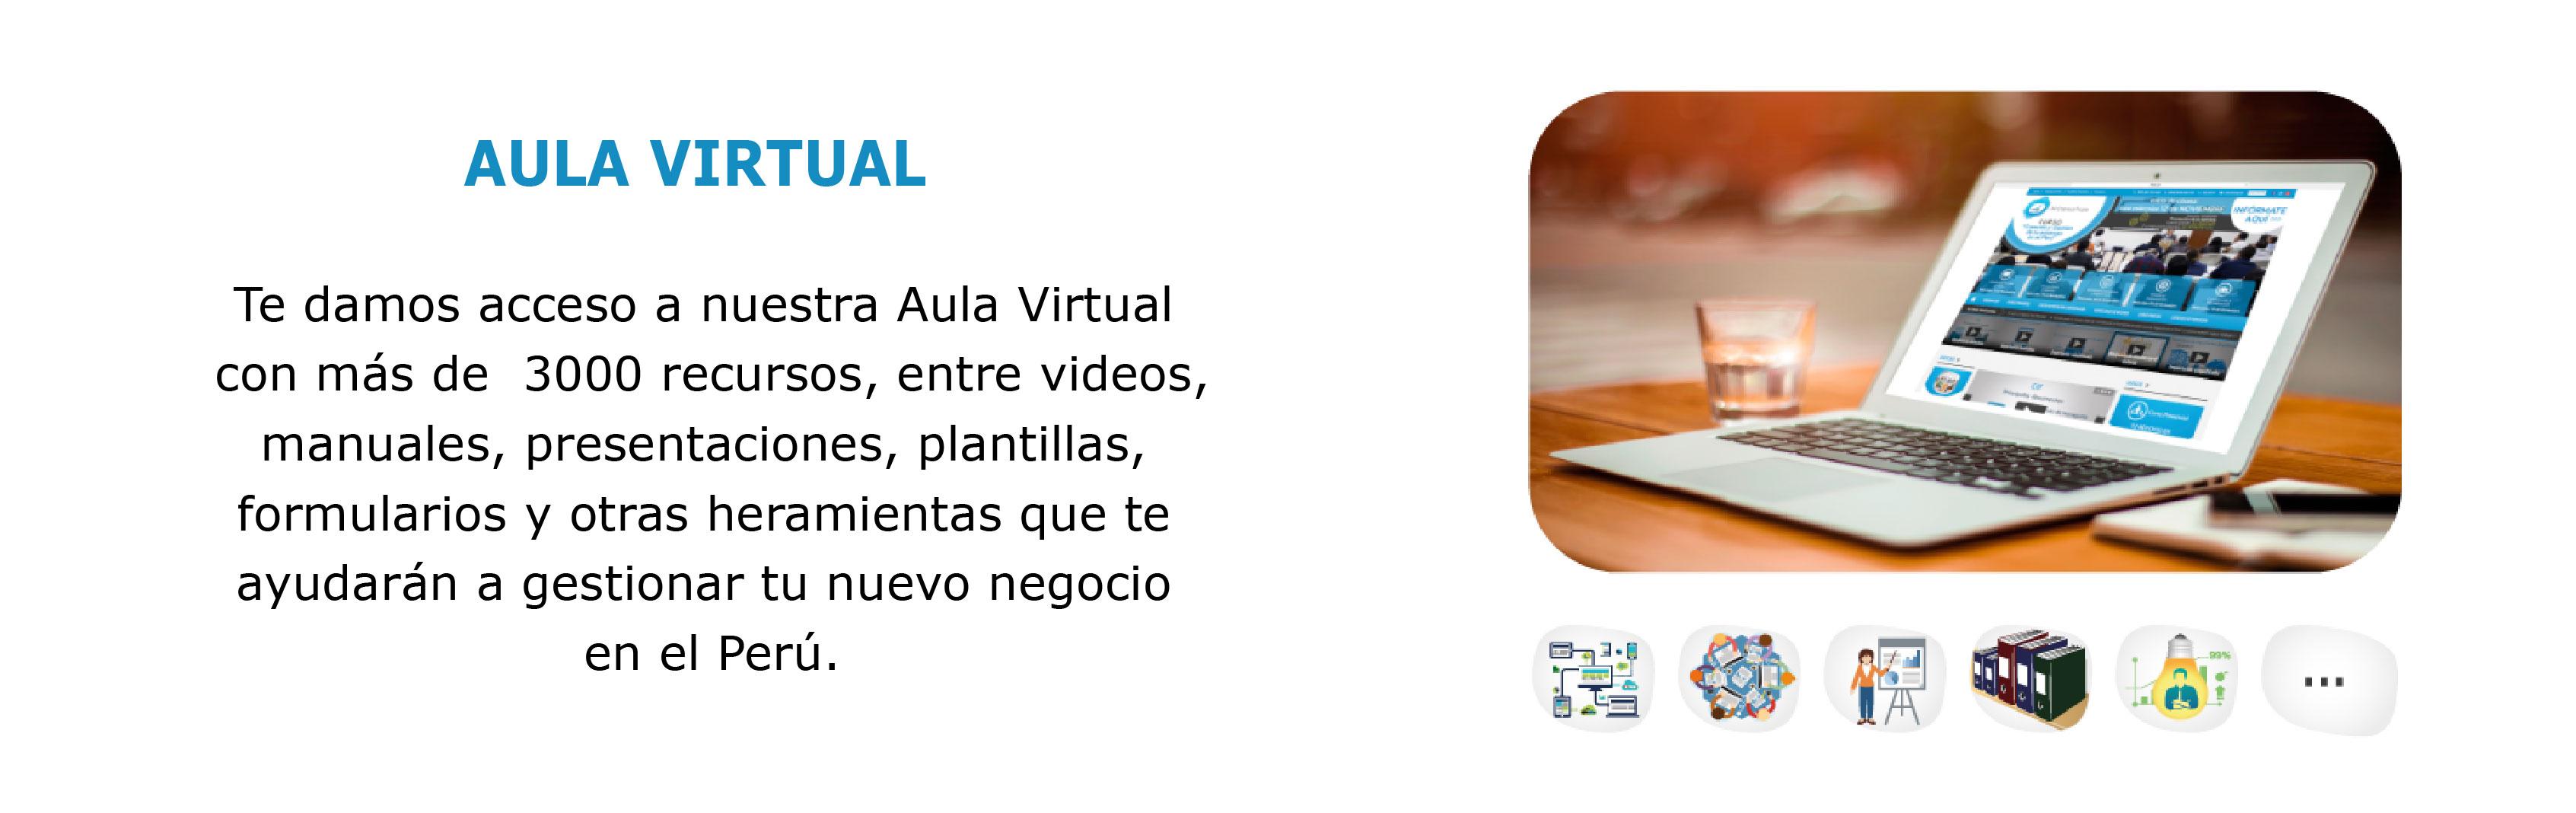 Curso-aula-virtual